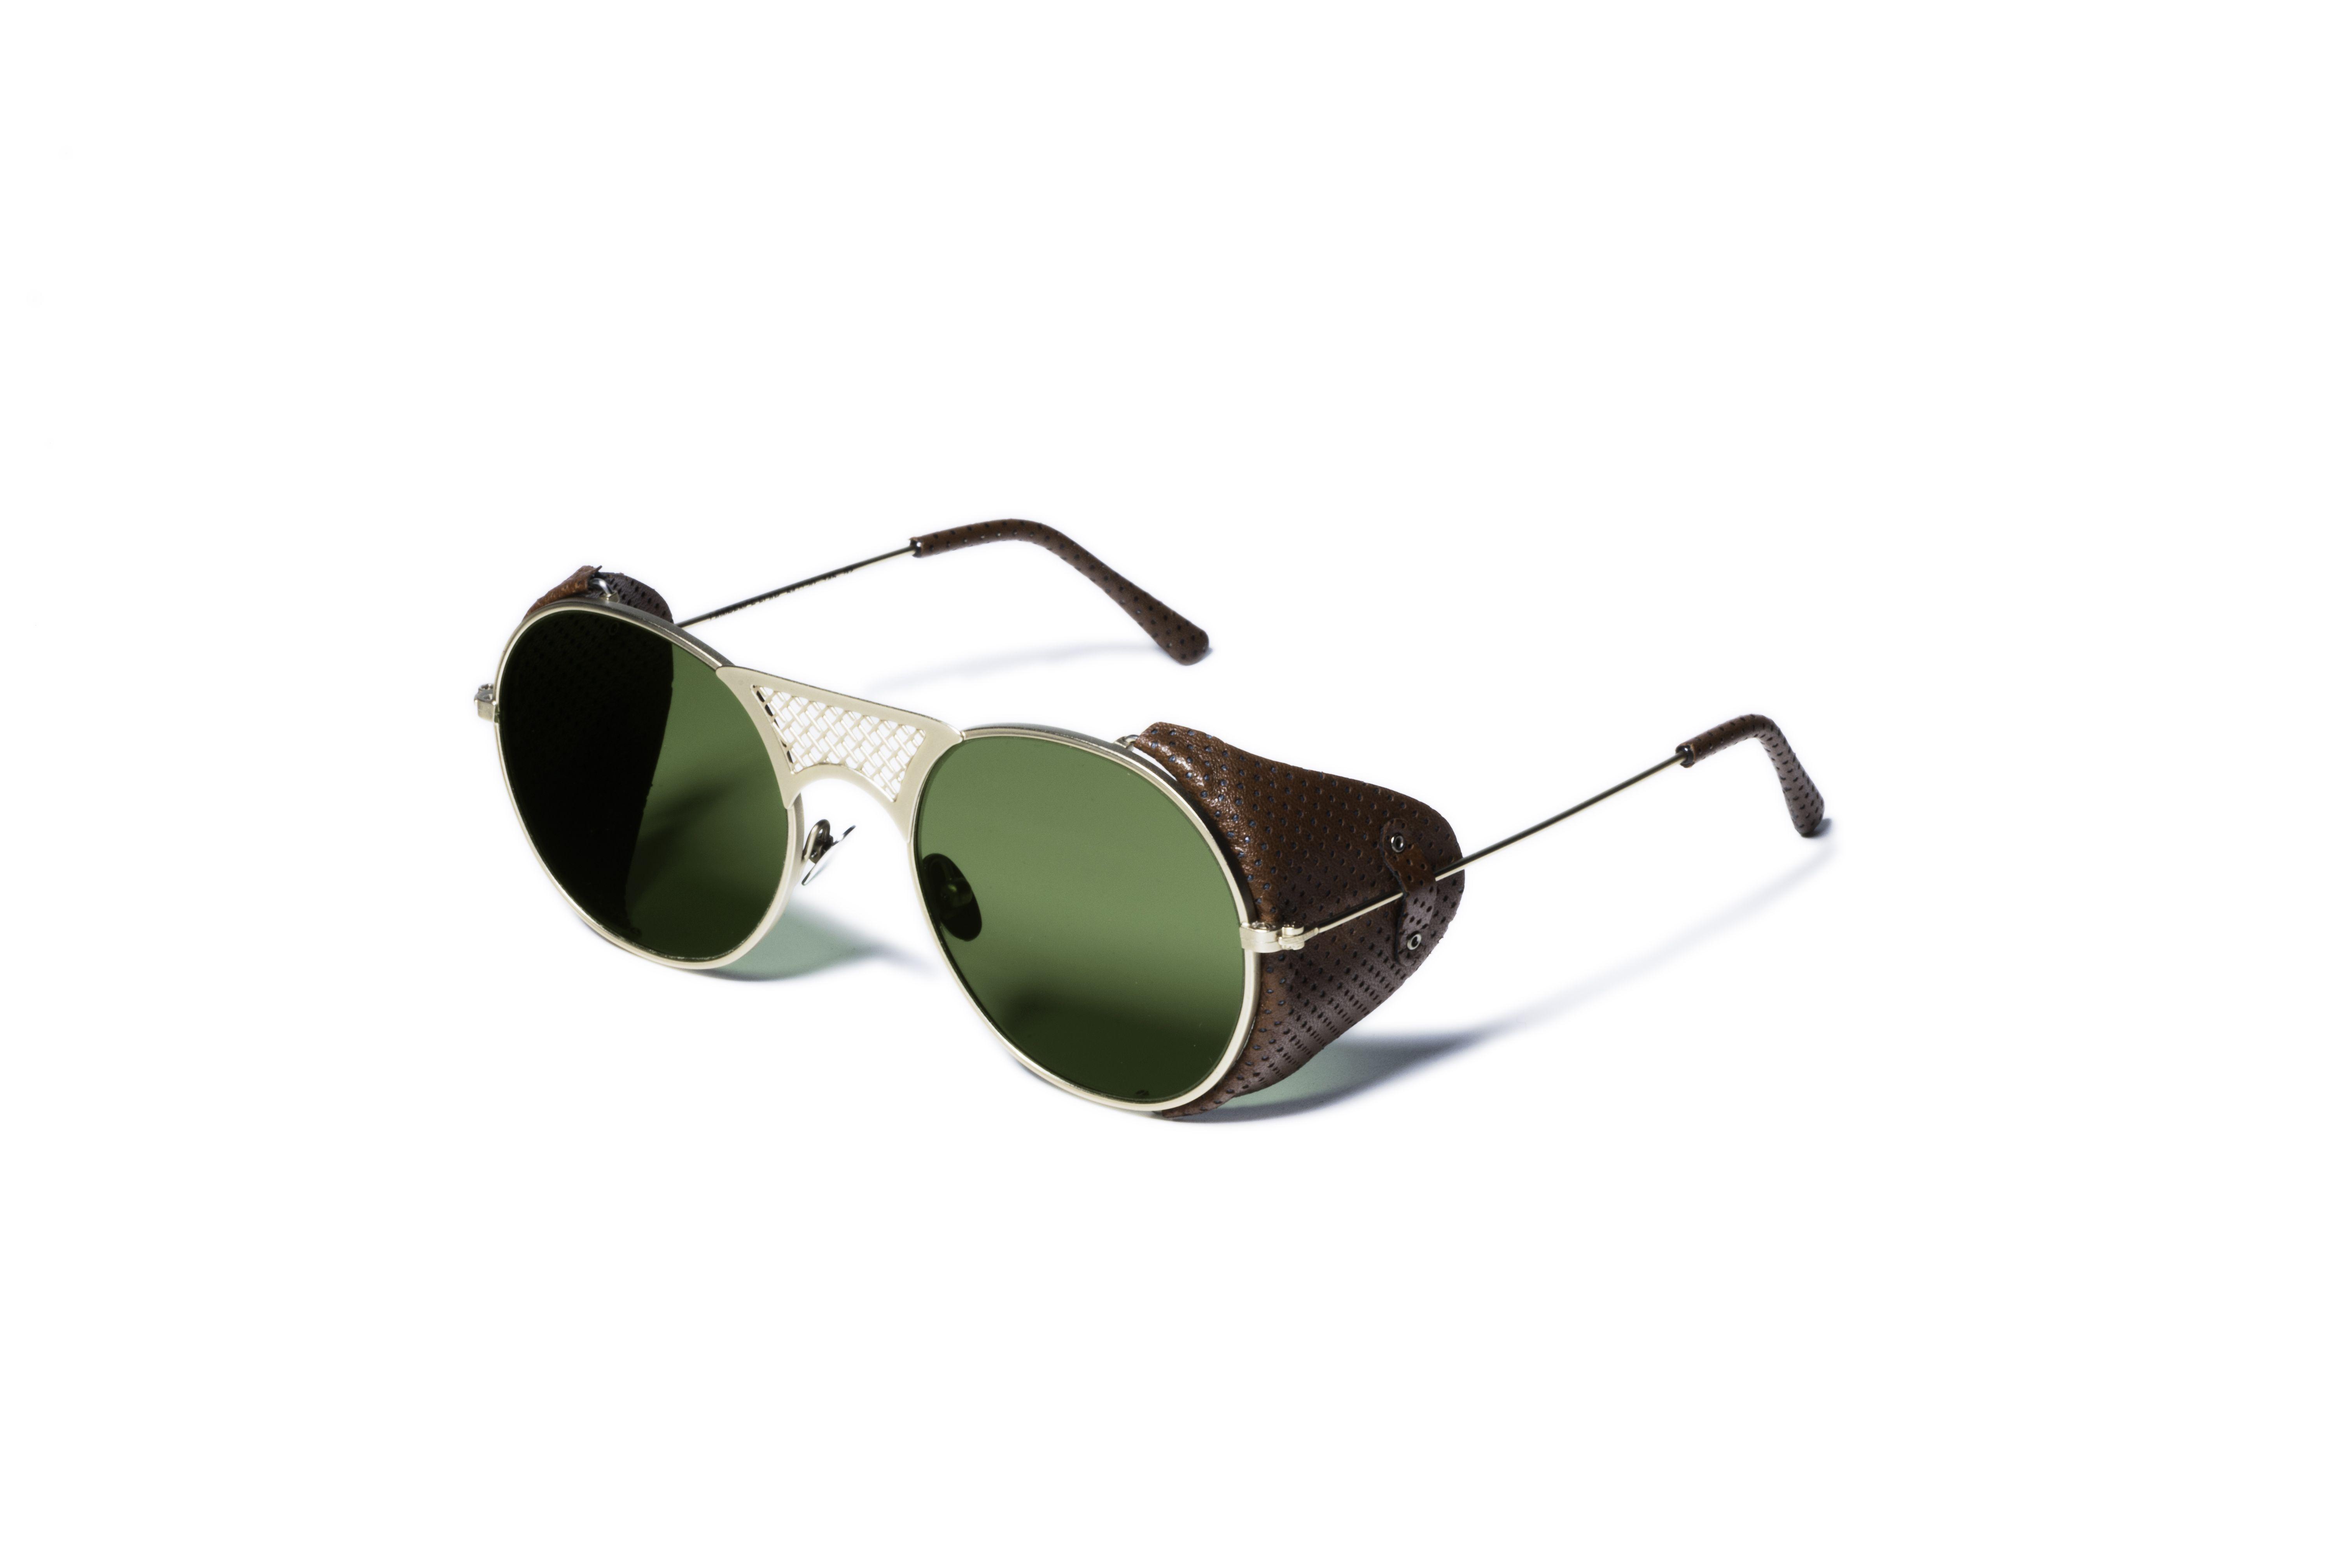 r Gold g Matt Sunglasses ModLawrence Flap L Brown cL3Rq45Aj